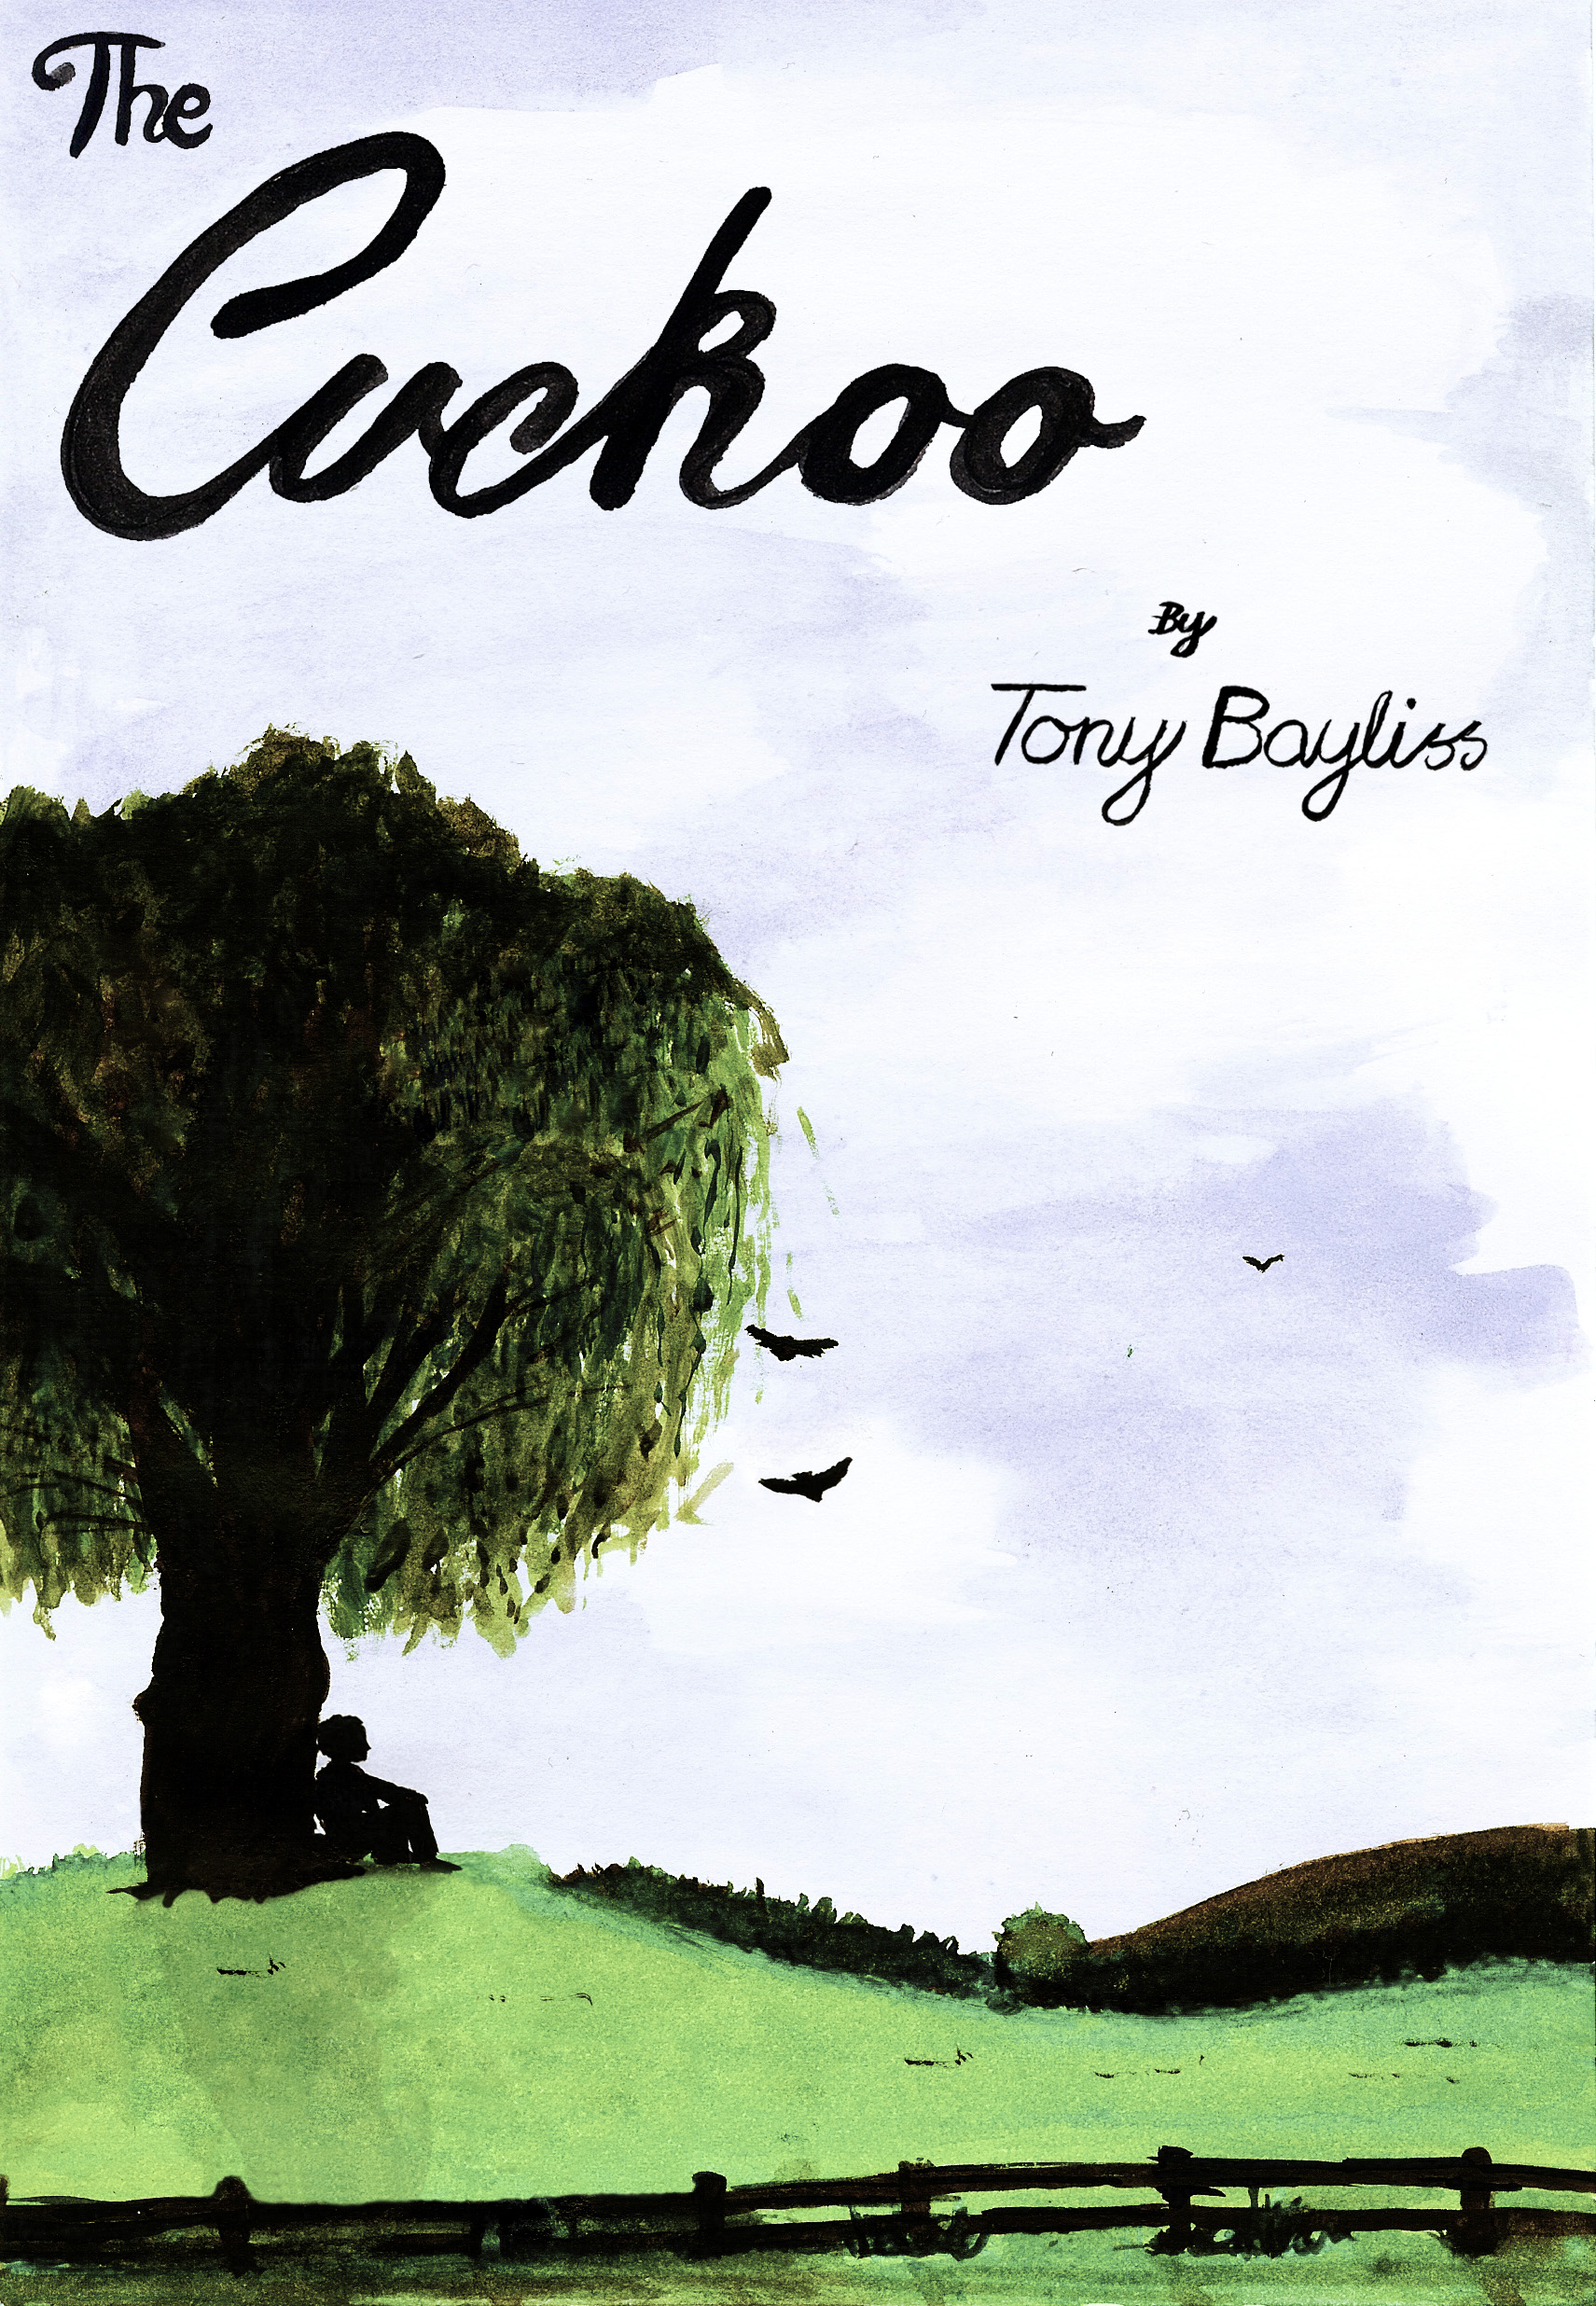 The Cuckoo by Tony Bayliss